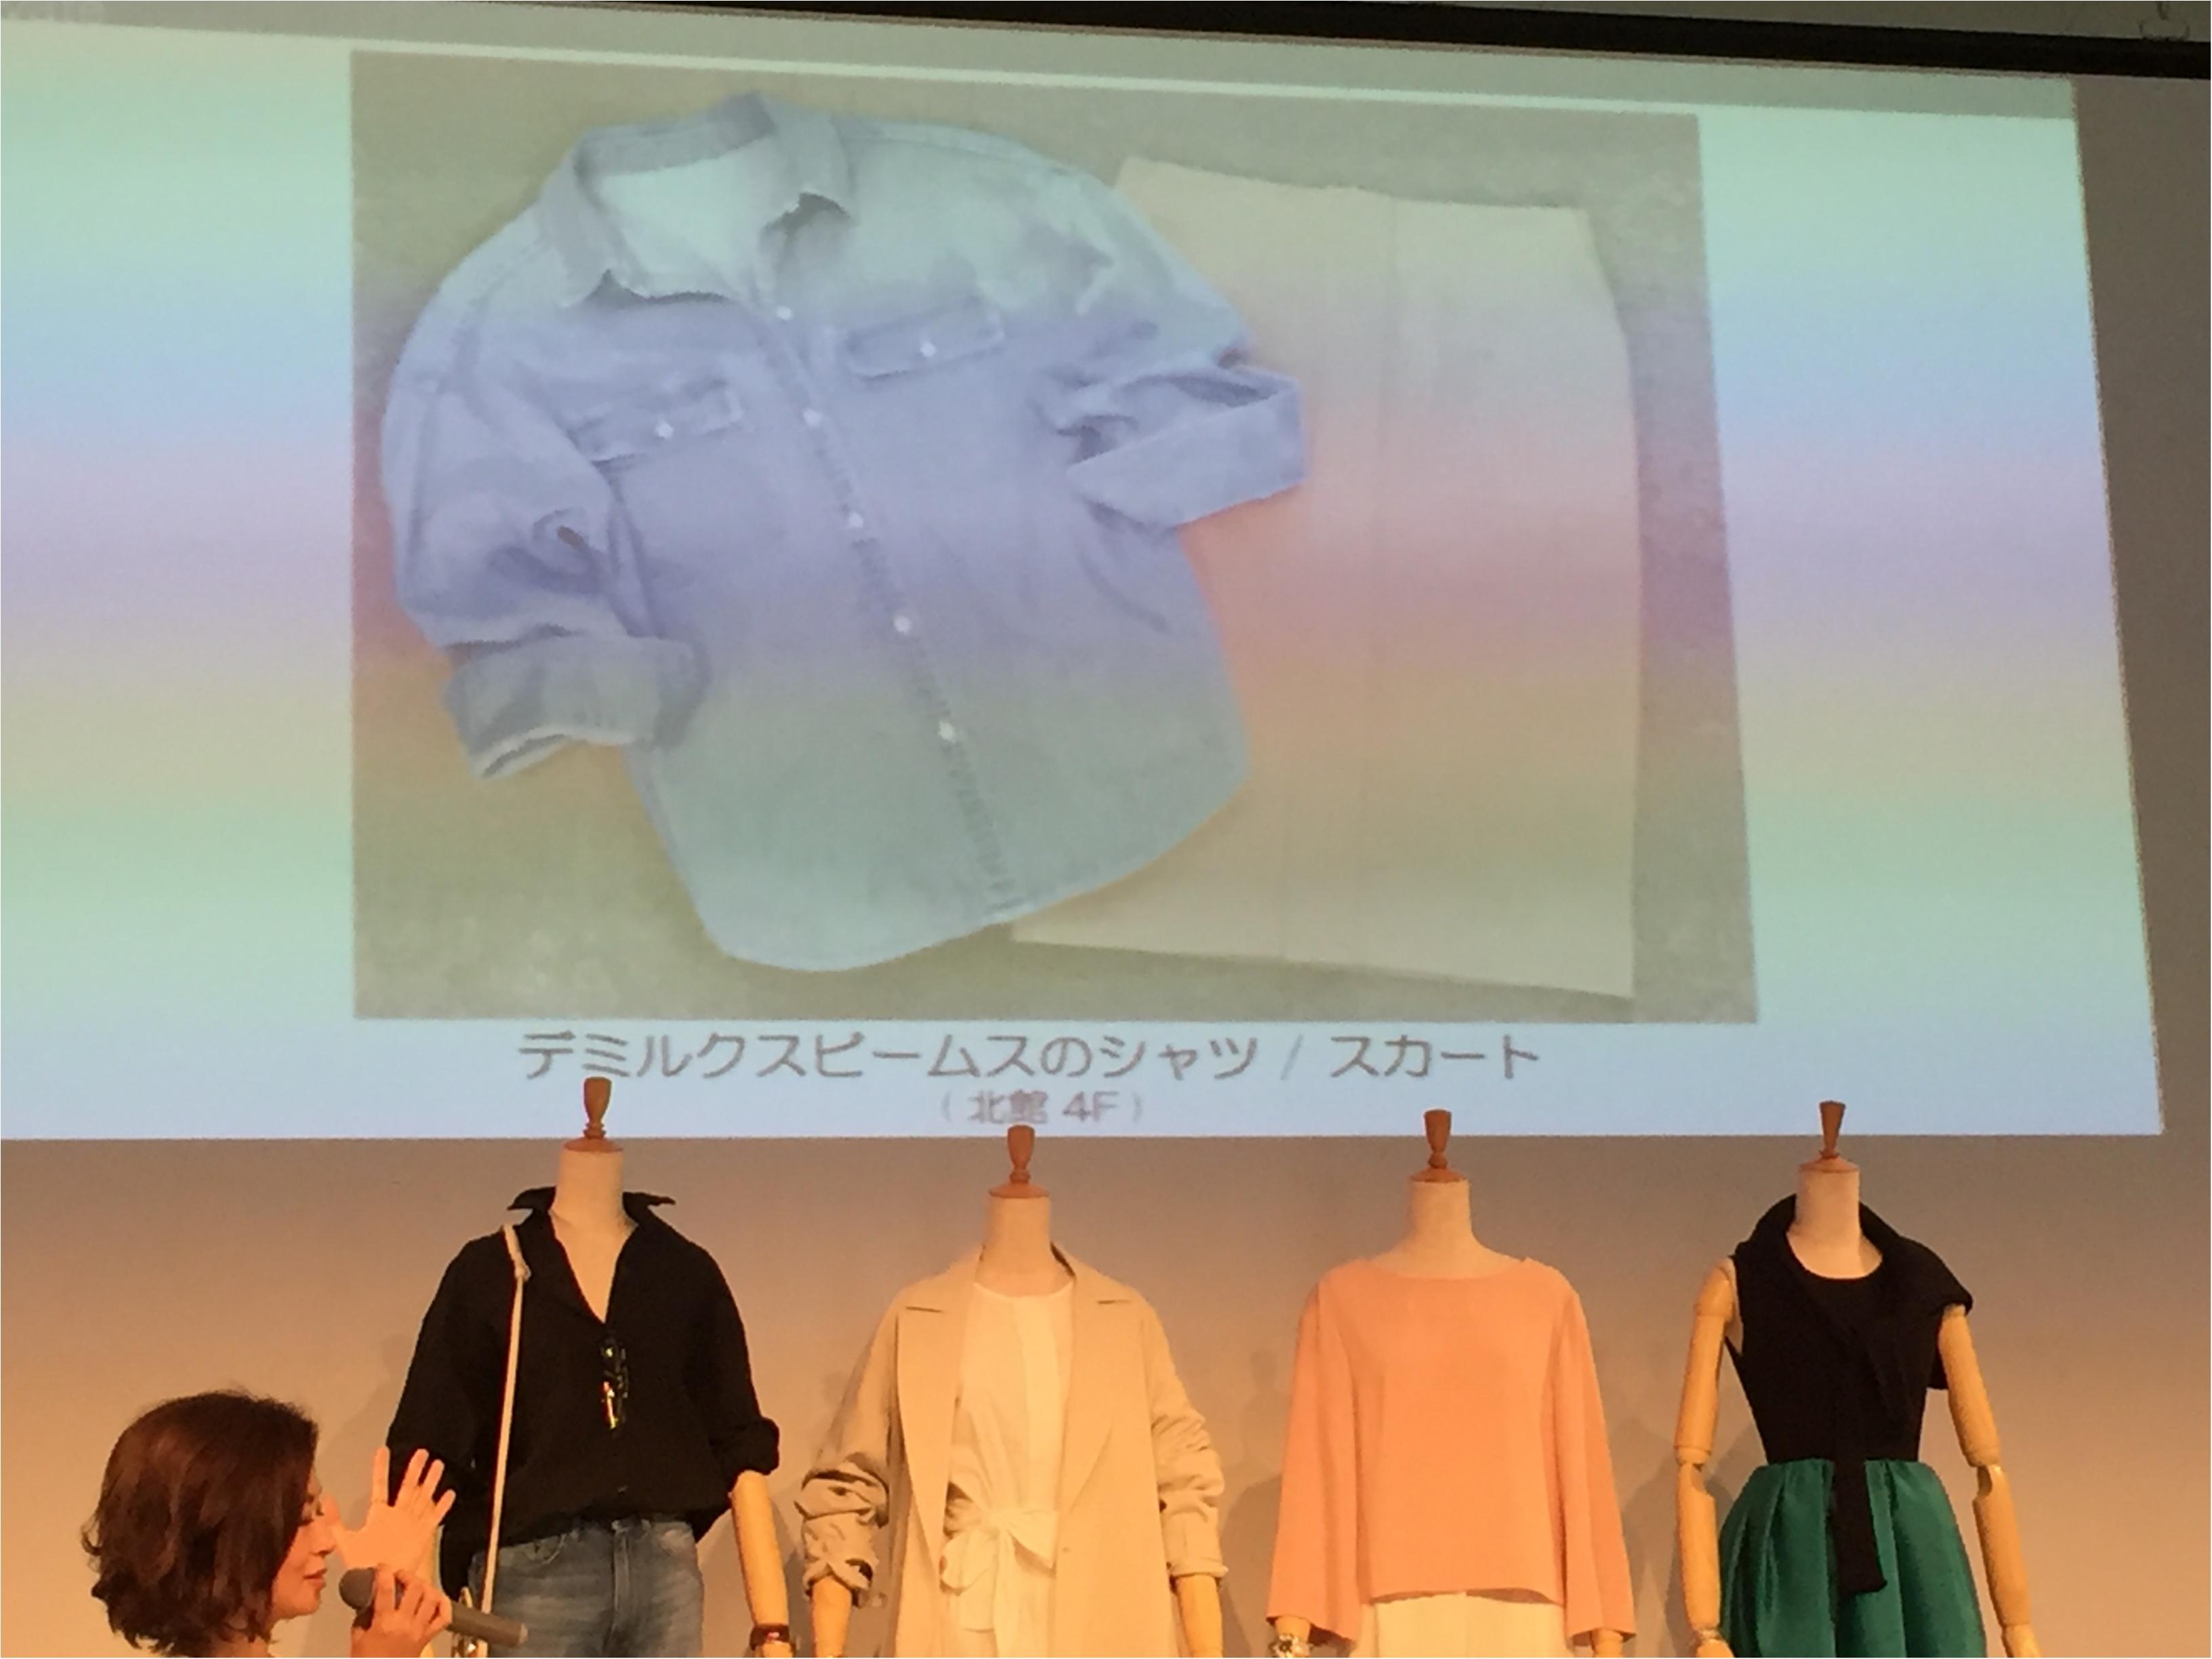 「ベーシック服をおしゃれに着こなす術」を学ぶ!グランフロント大阪で、キラめくワタシをプロデュースしよう!_3